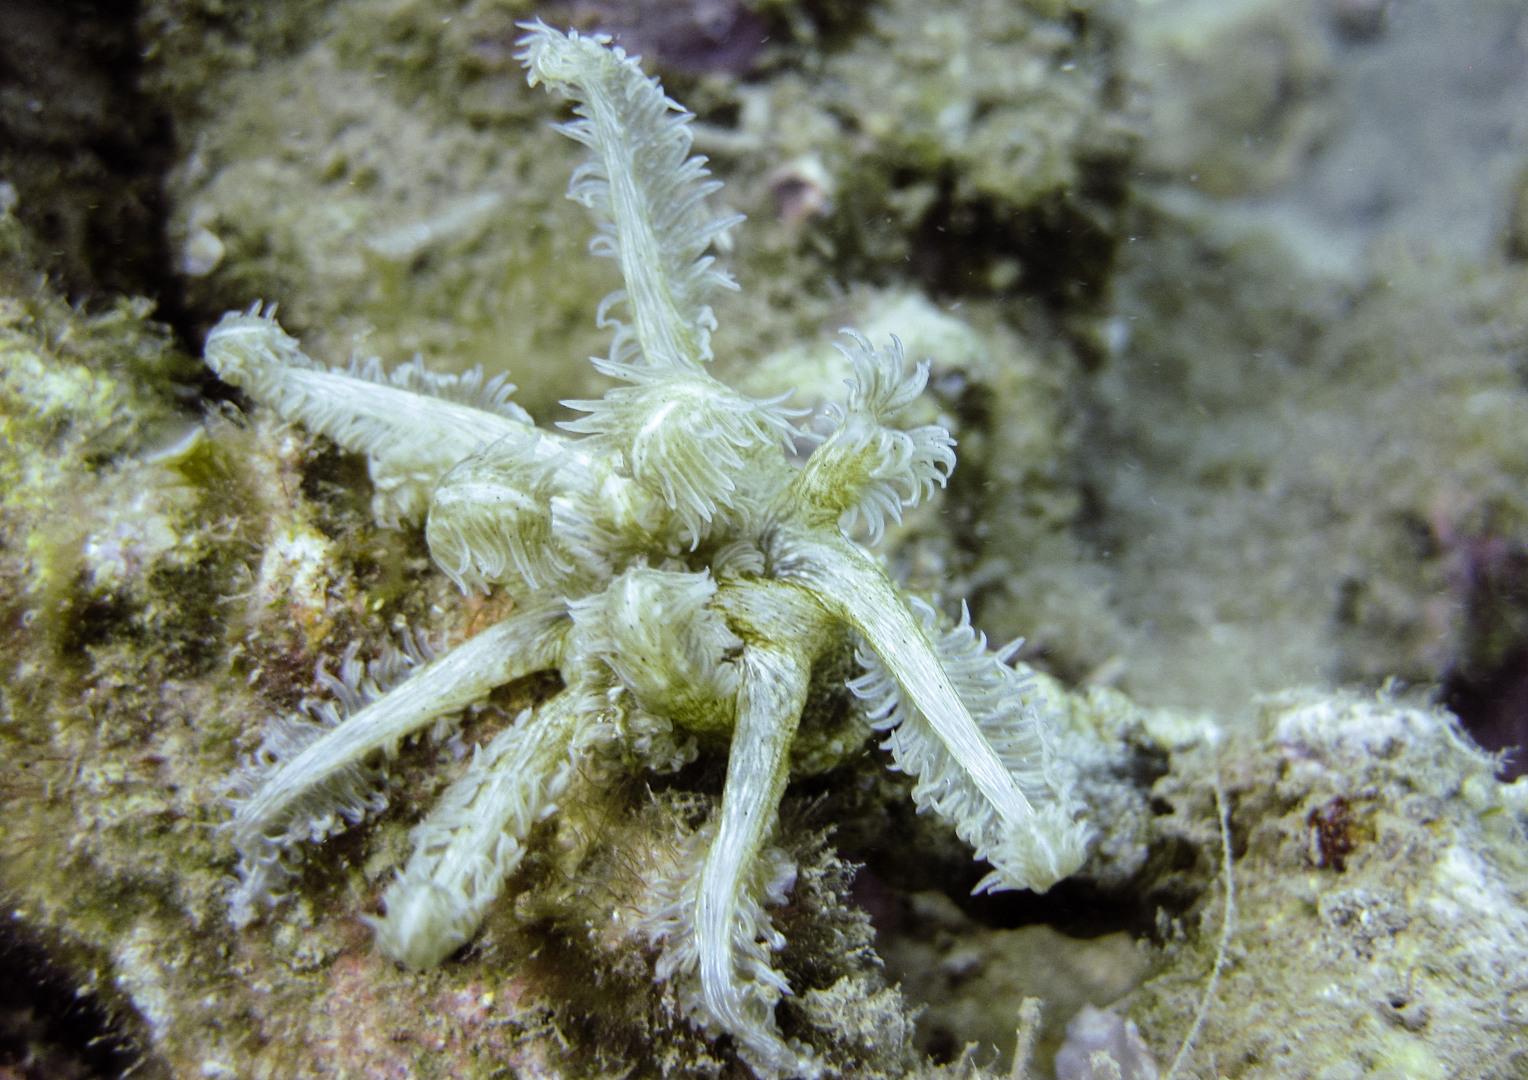 Голотурия или Морской огурец Синапта пятнистая, Synapta maculata, (Holothuroidea)